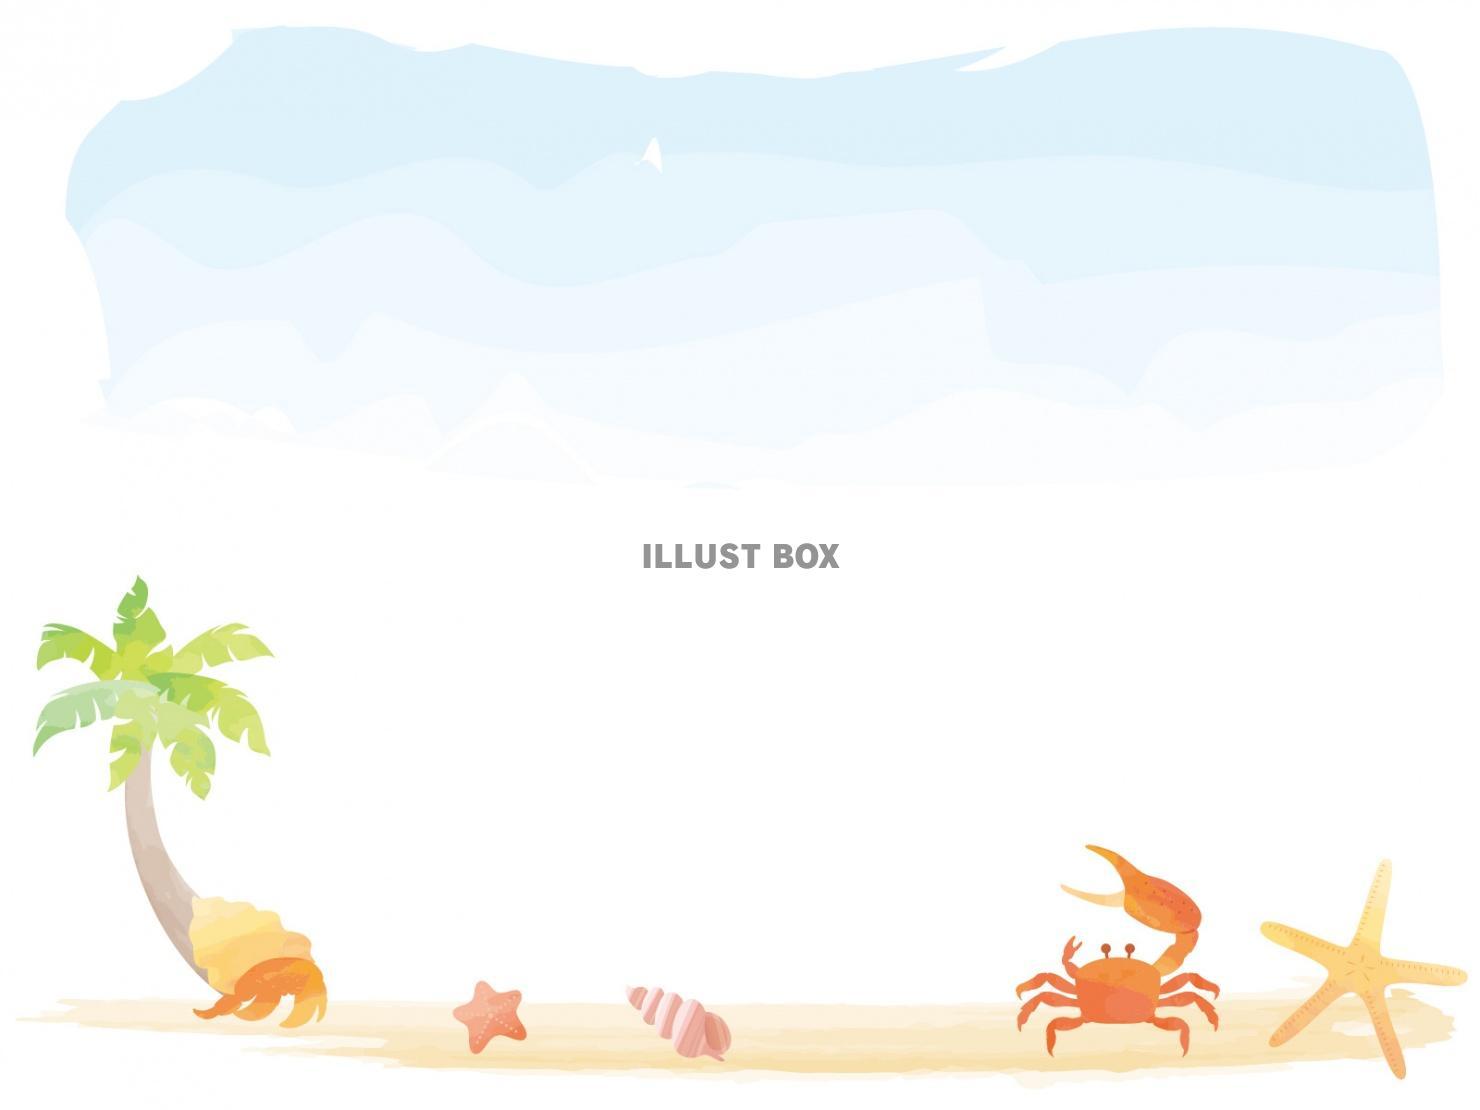 無料イラスト 夏の浜辺 水彩風 ヤシの木ヤドカリヒトデバイガイ